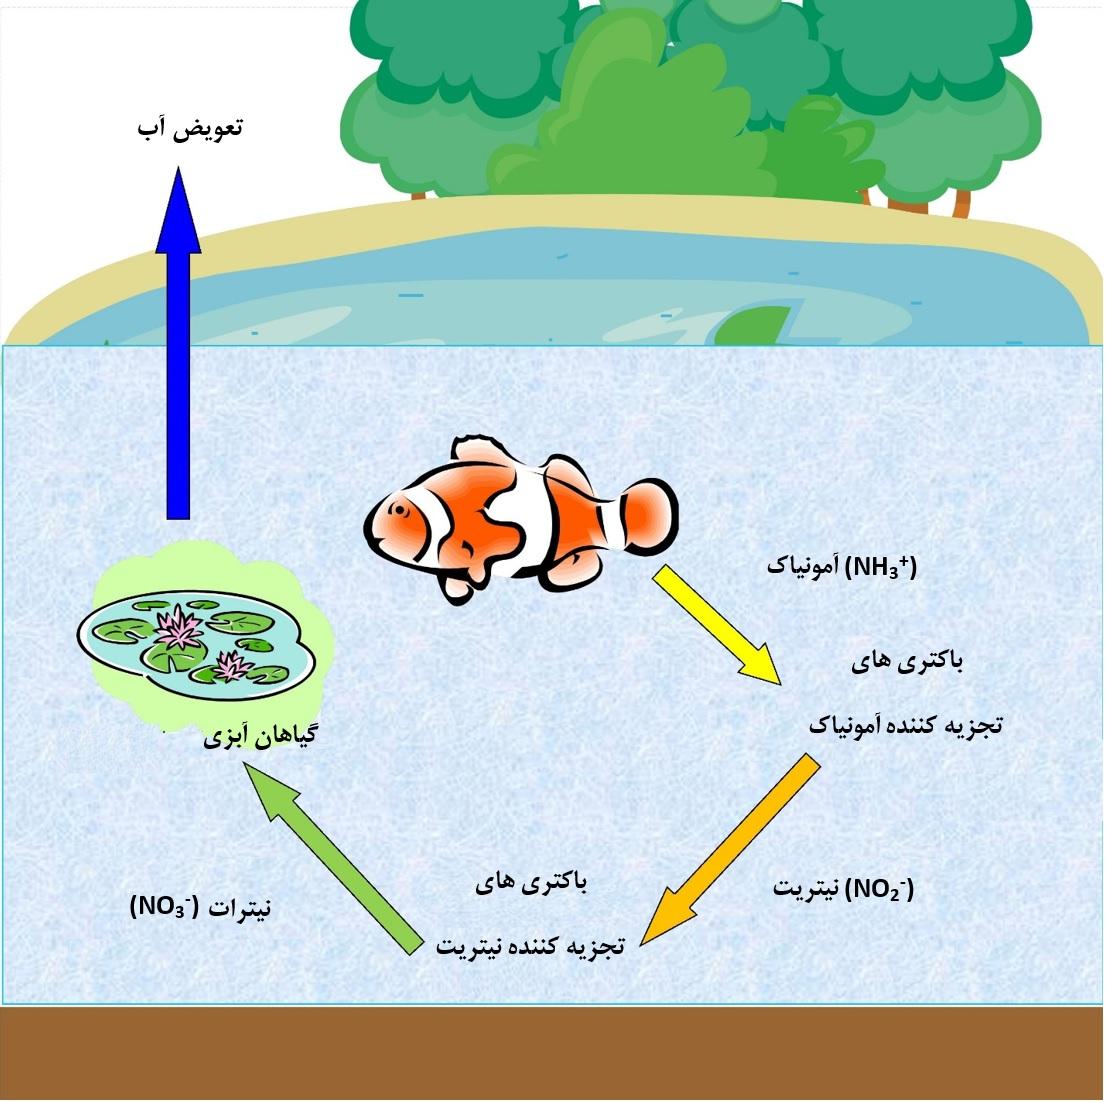 نسخه ساده سازی شده سیکل نیتروژن